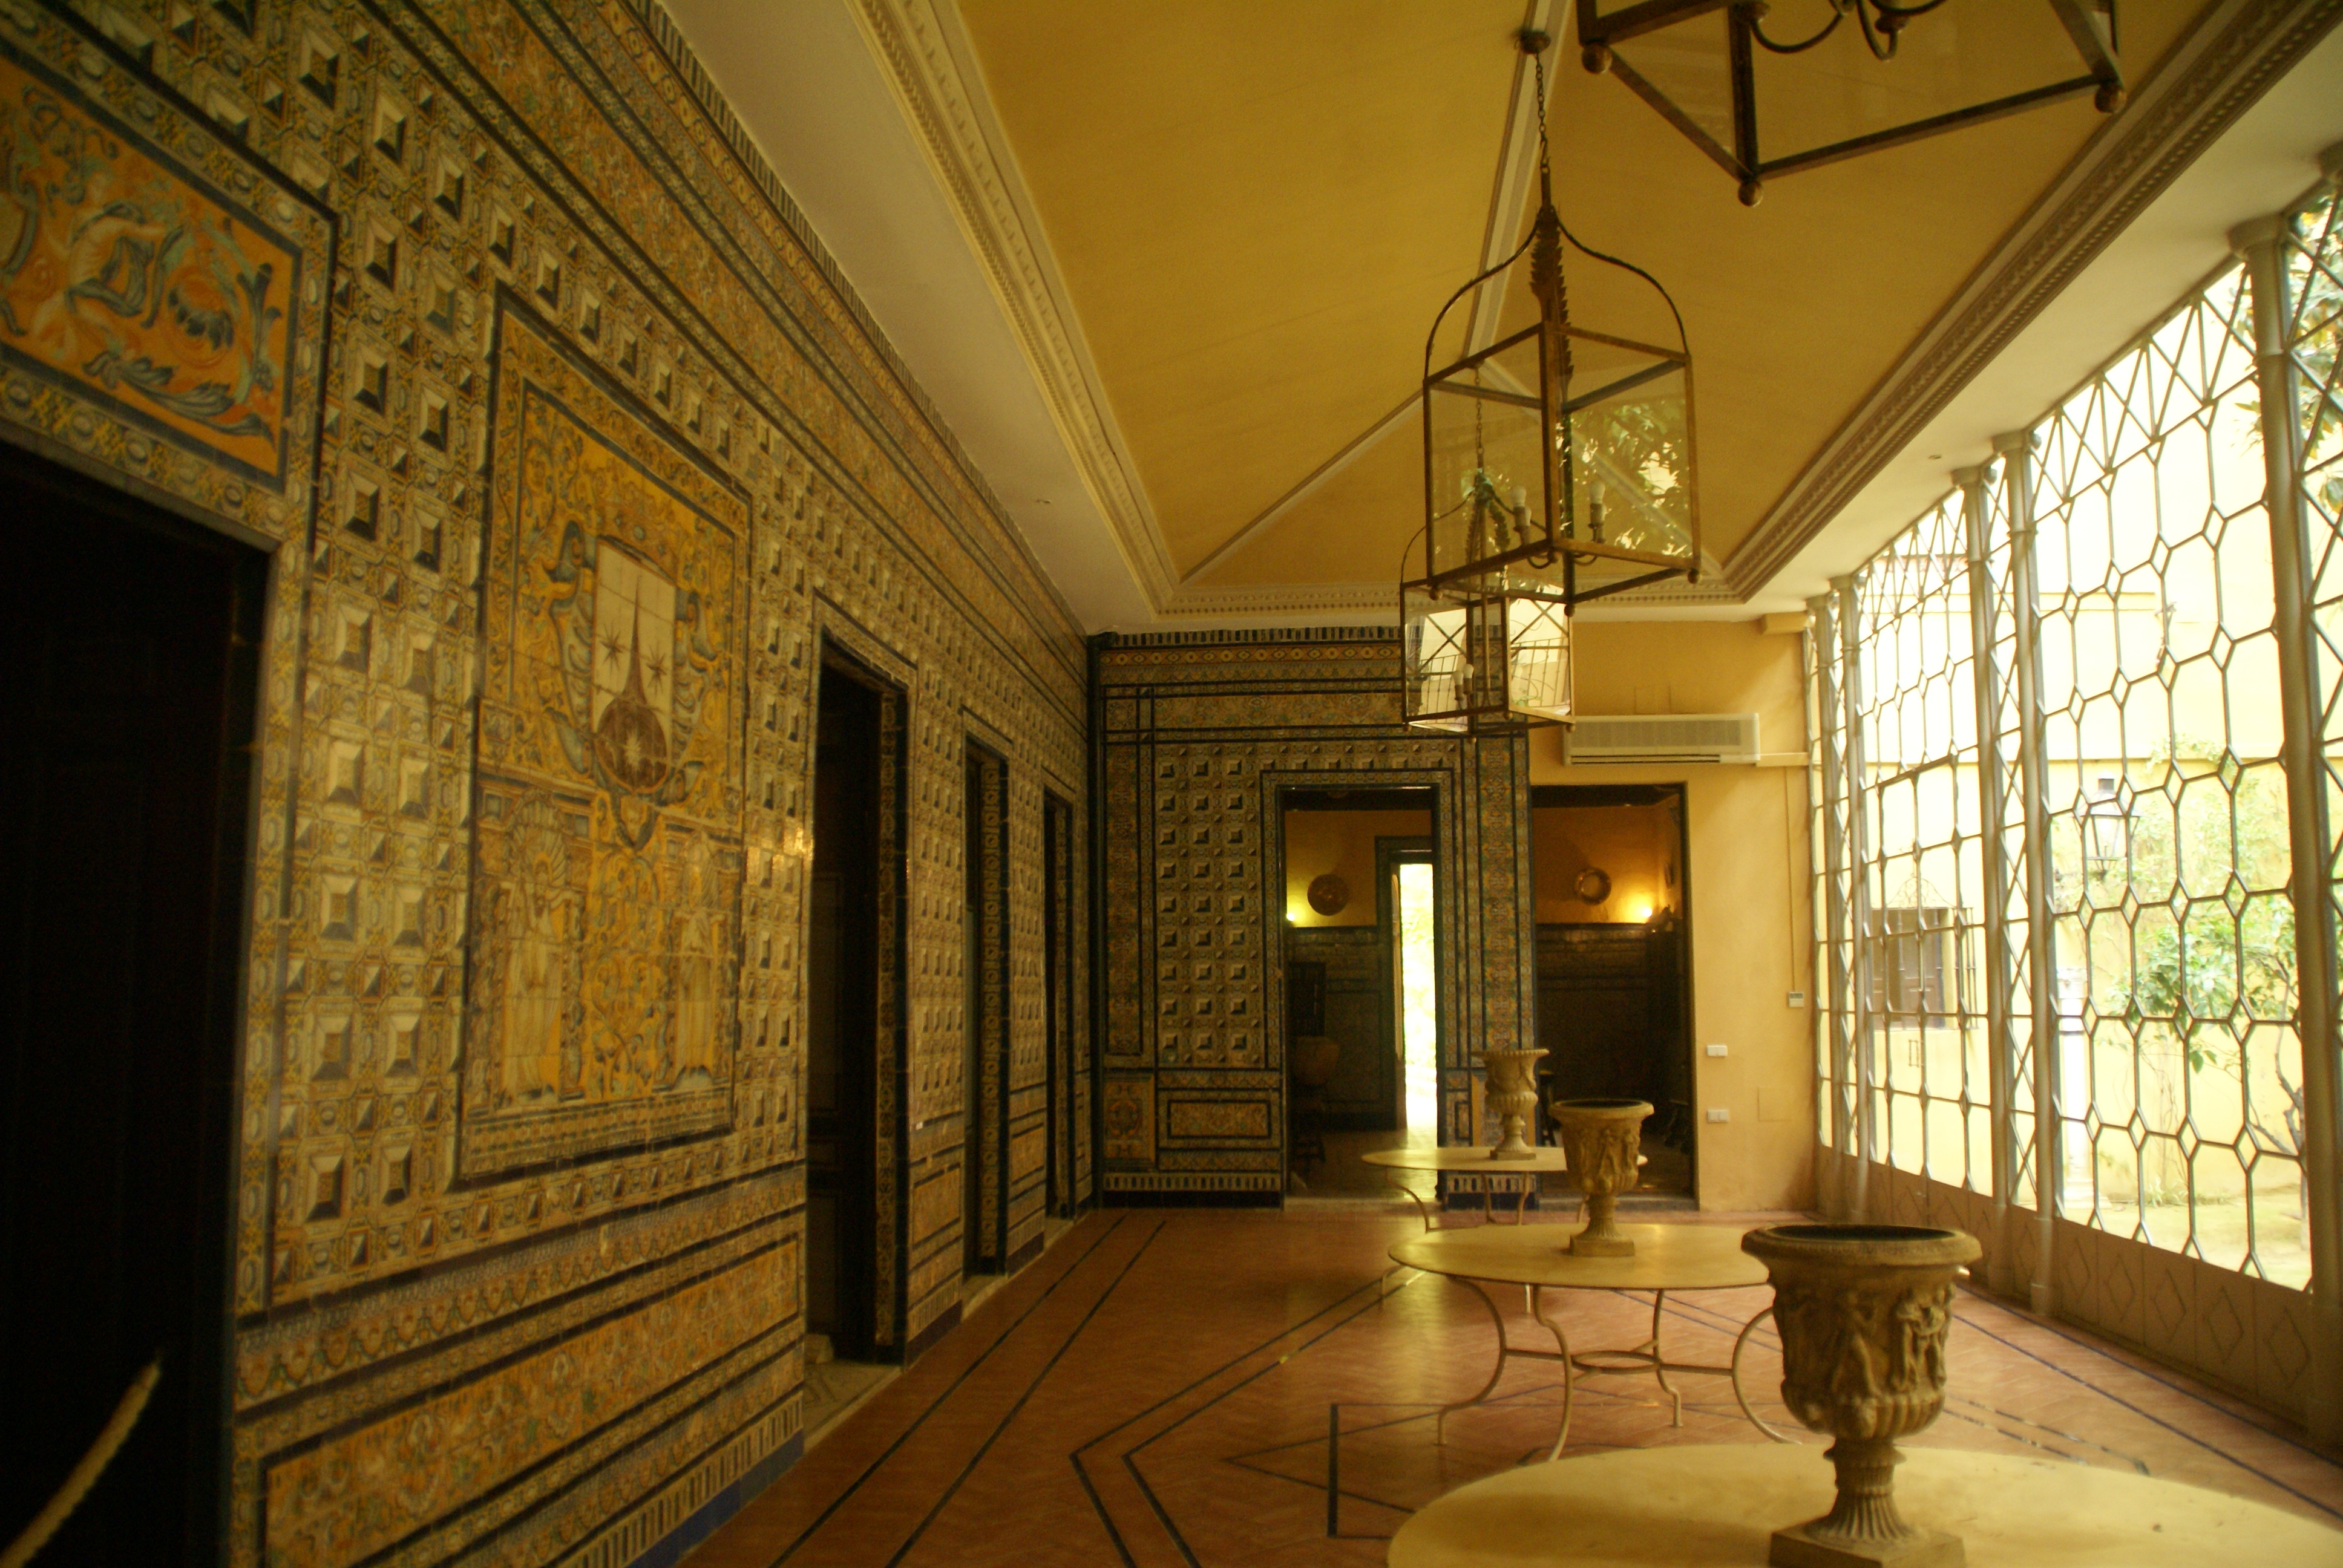 Casas palacio sevillanas un placer para los sentidos - Hotel en lebrija ...